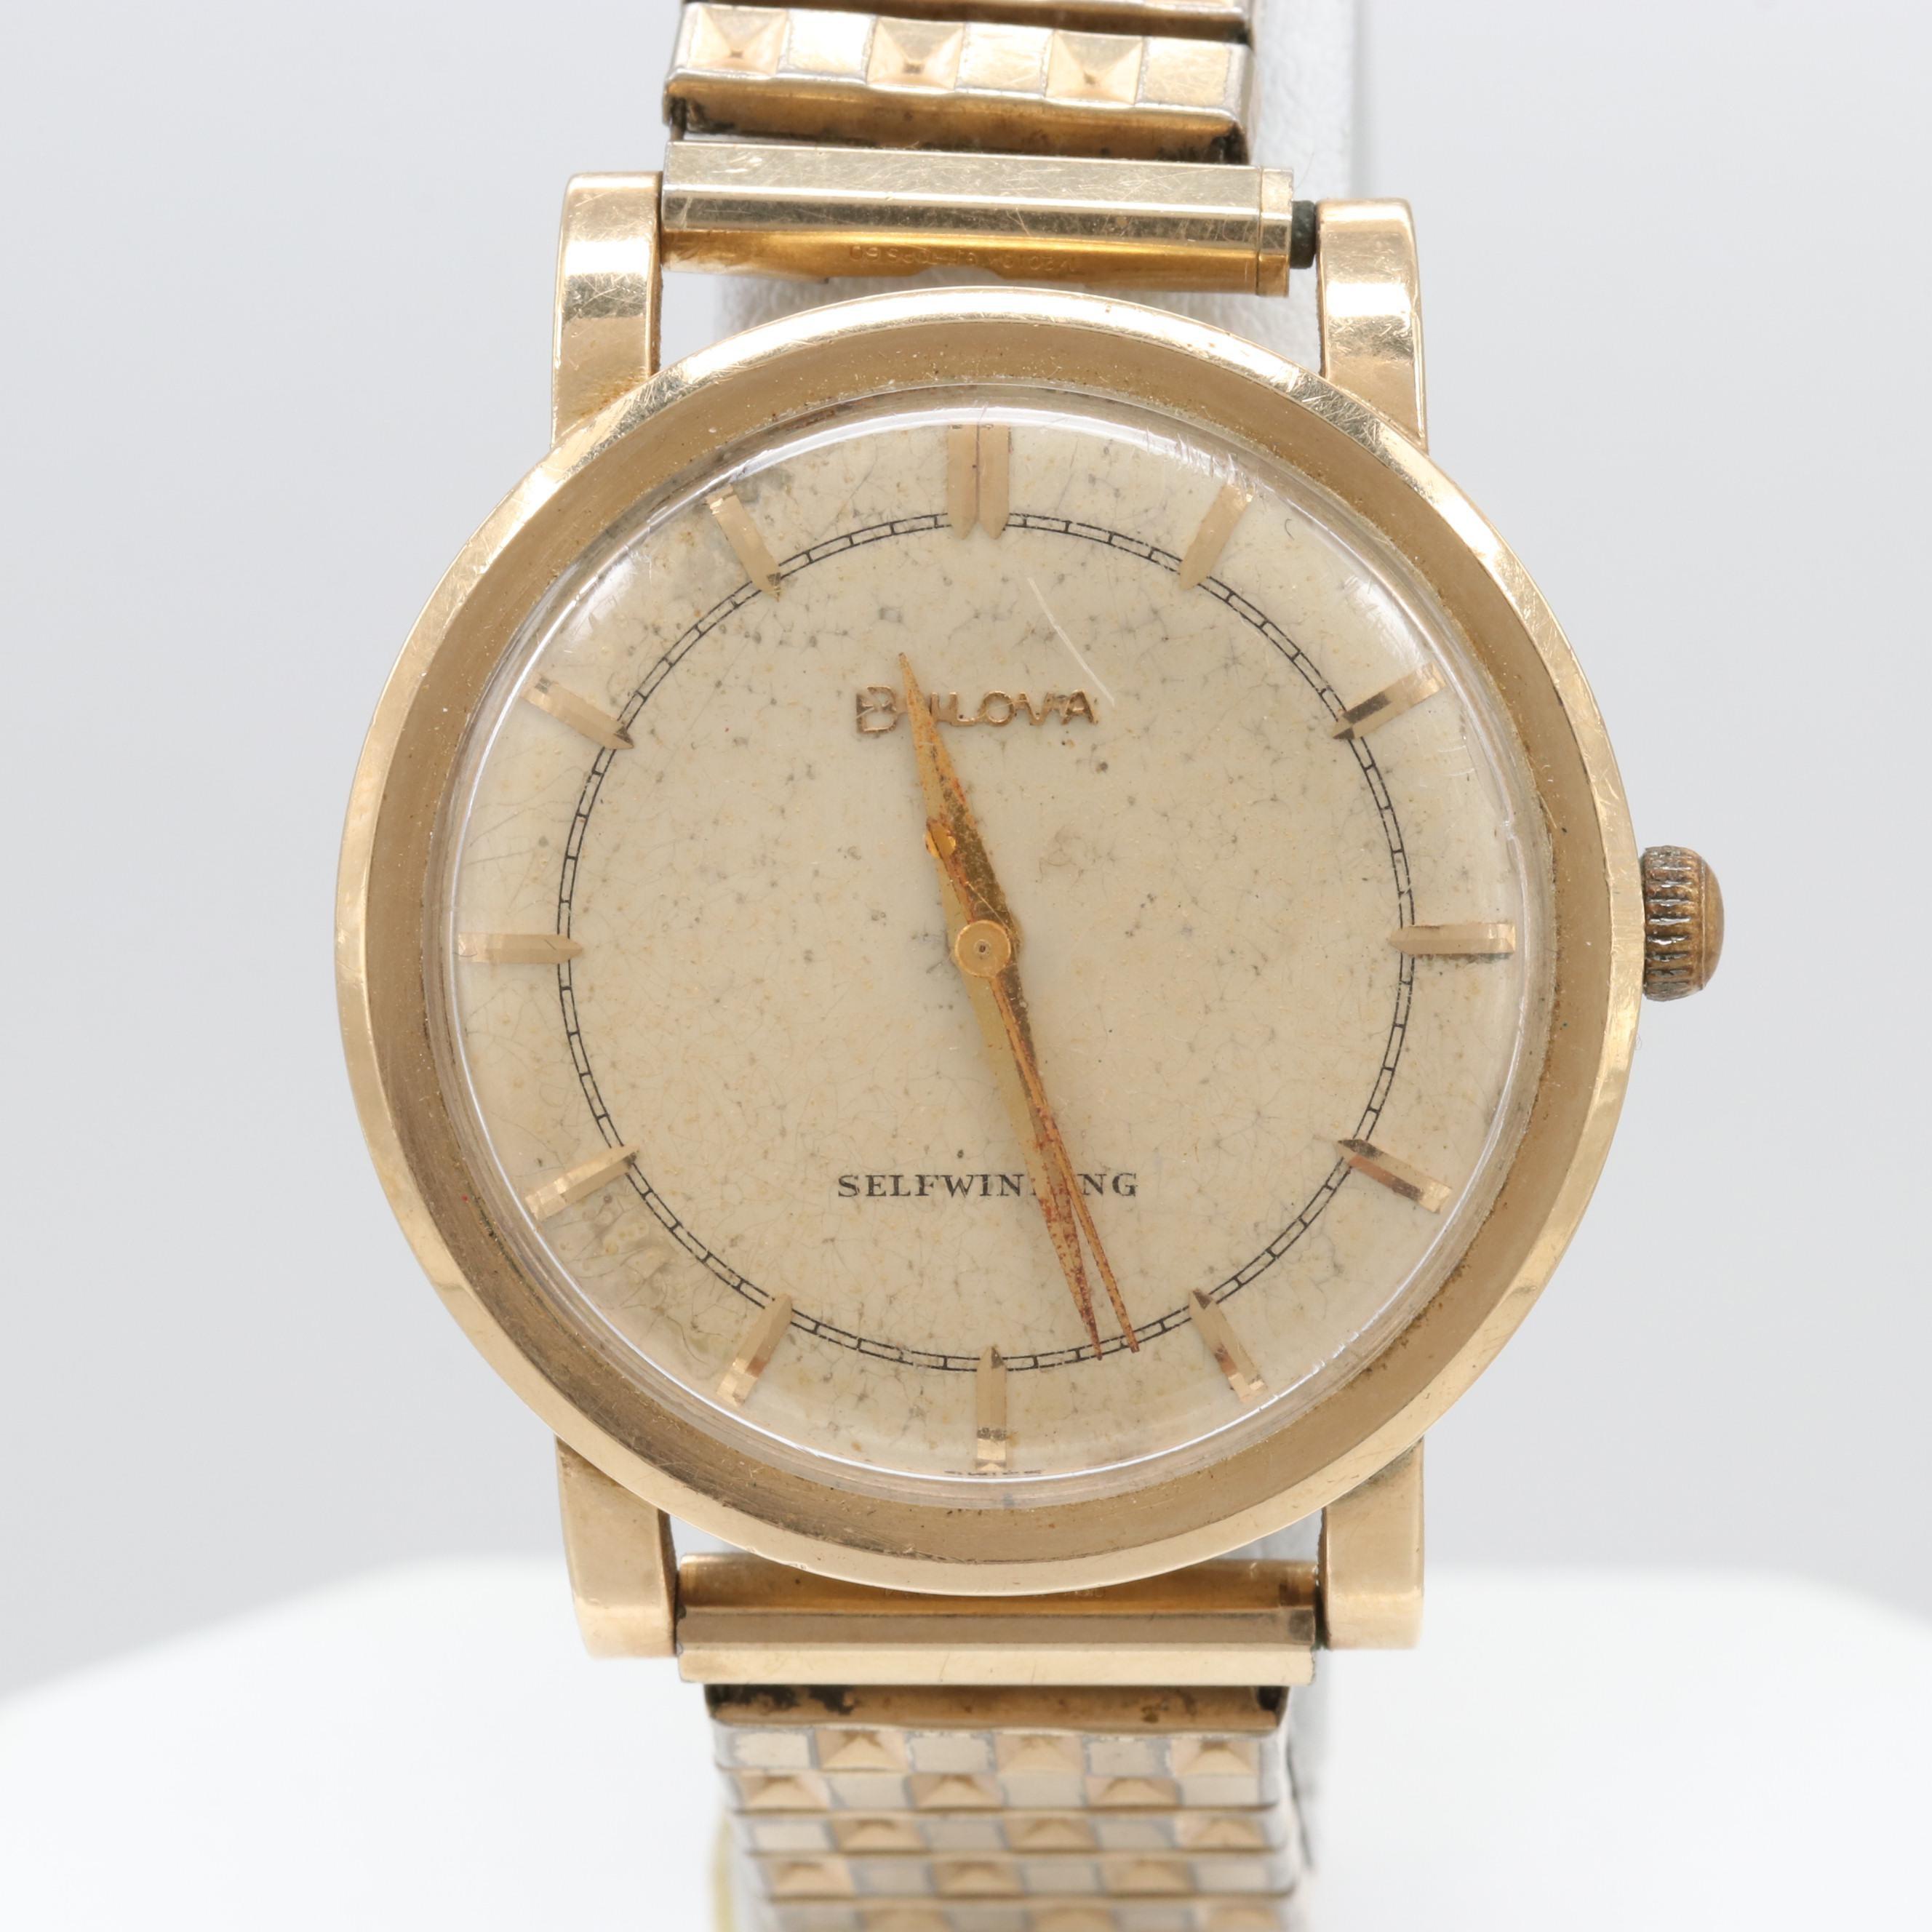 Vintage Bulova 14K Yellow Gold Automatic Wristwatch